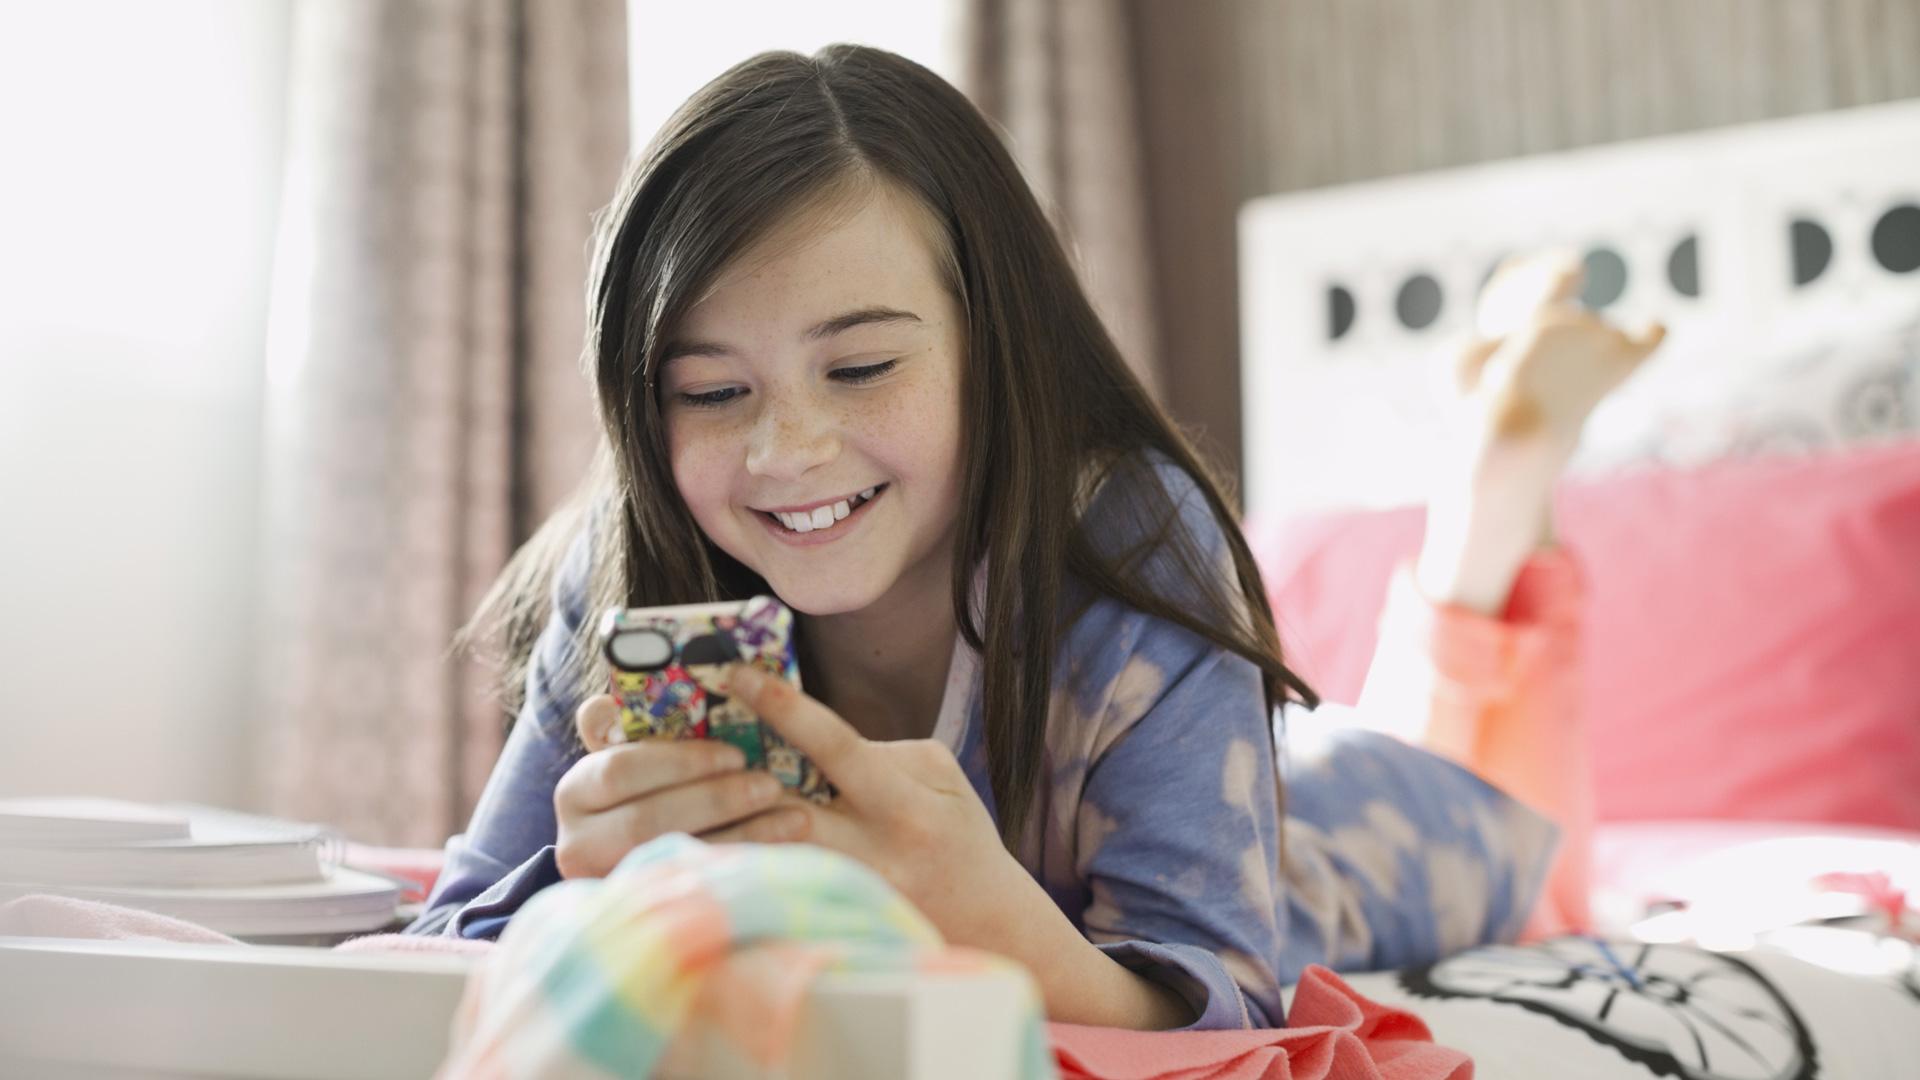 ادمان الاطفال على الهواتف